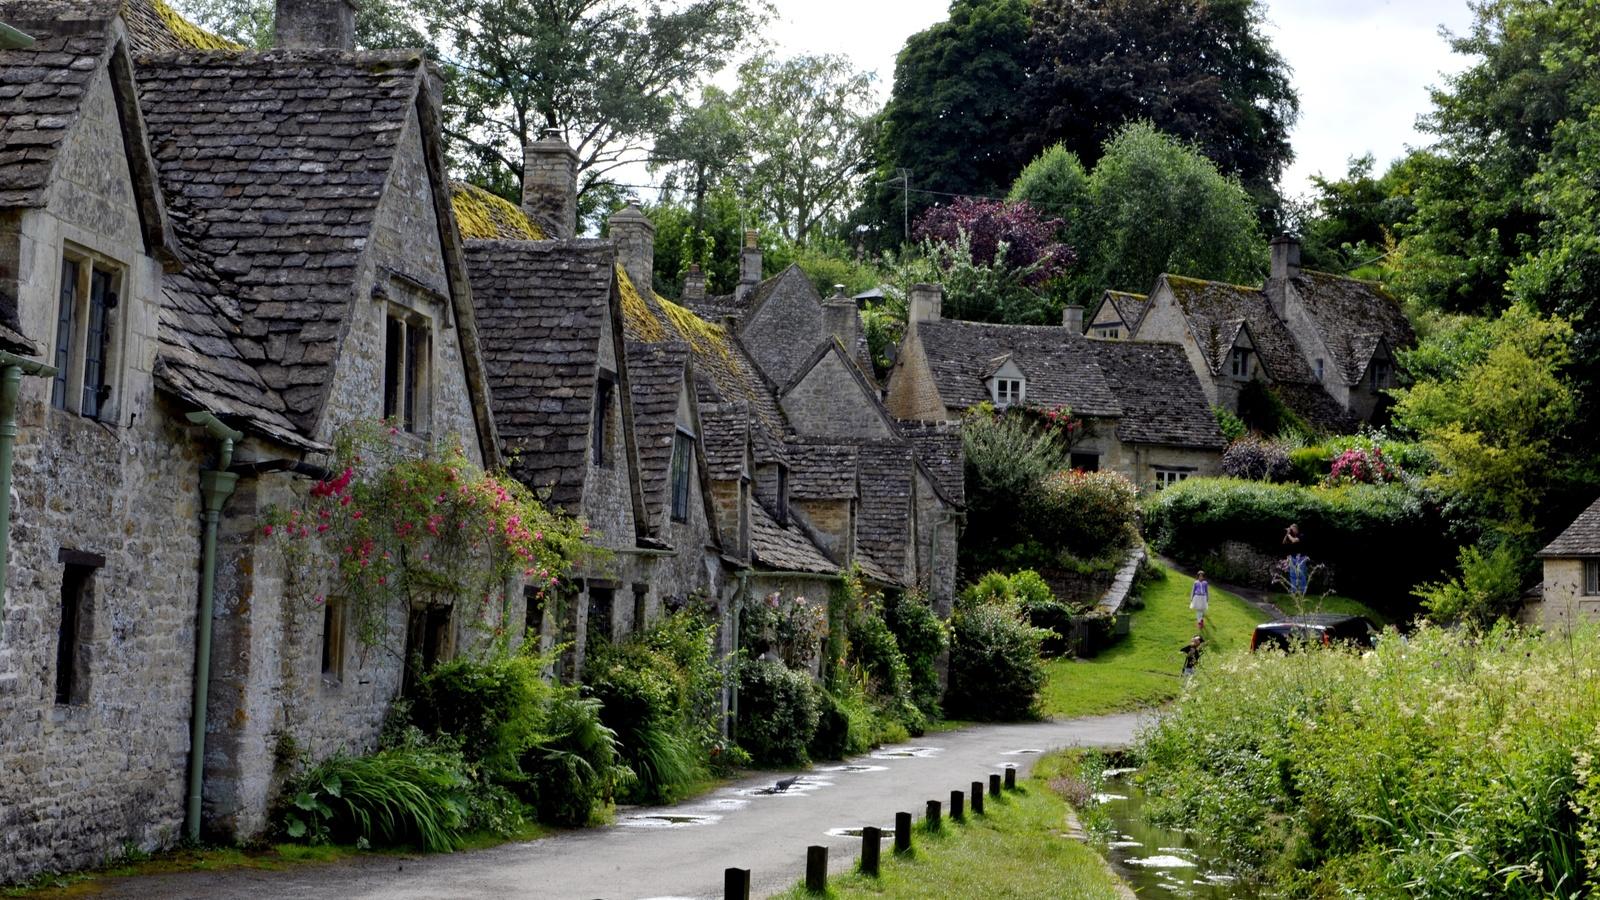 деревня, улица, дома, весна, англия